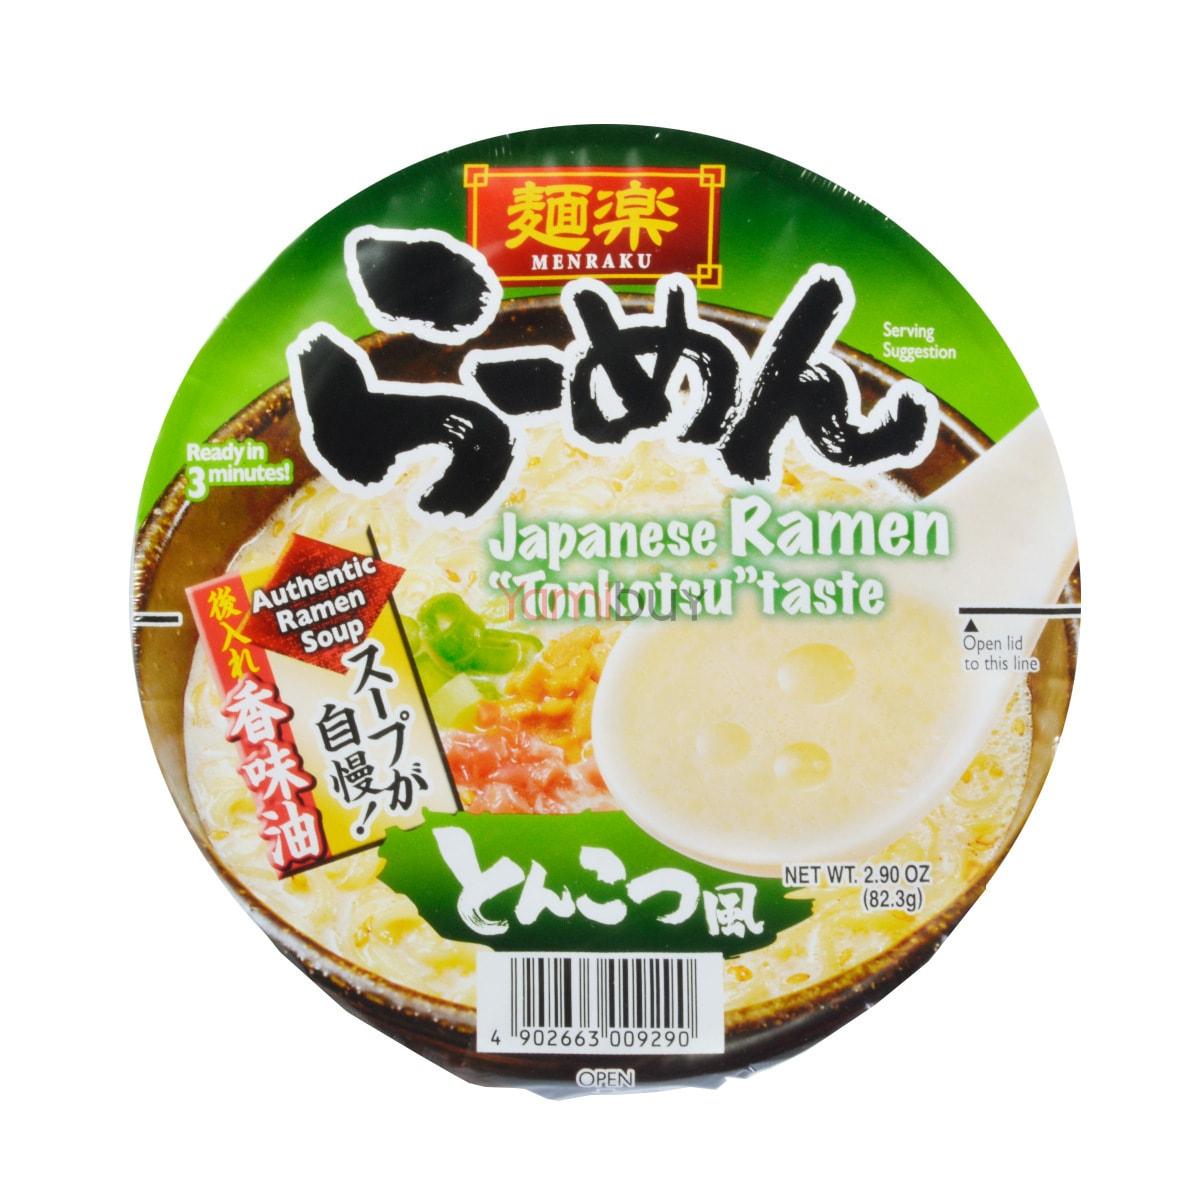 日本MENRAKU面乐 速食拉面 香浓豚骨口味 碗装 82g